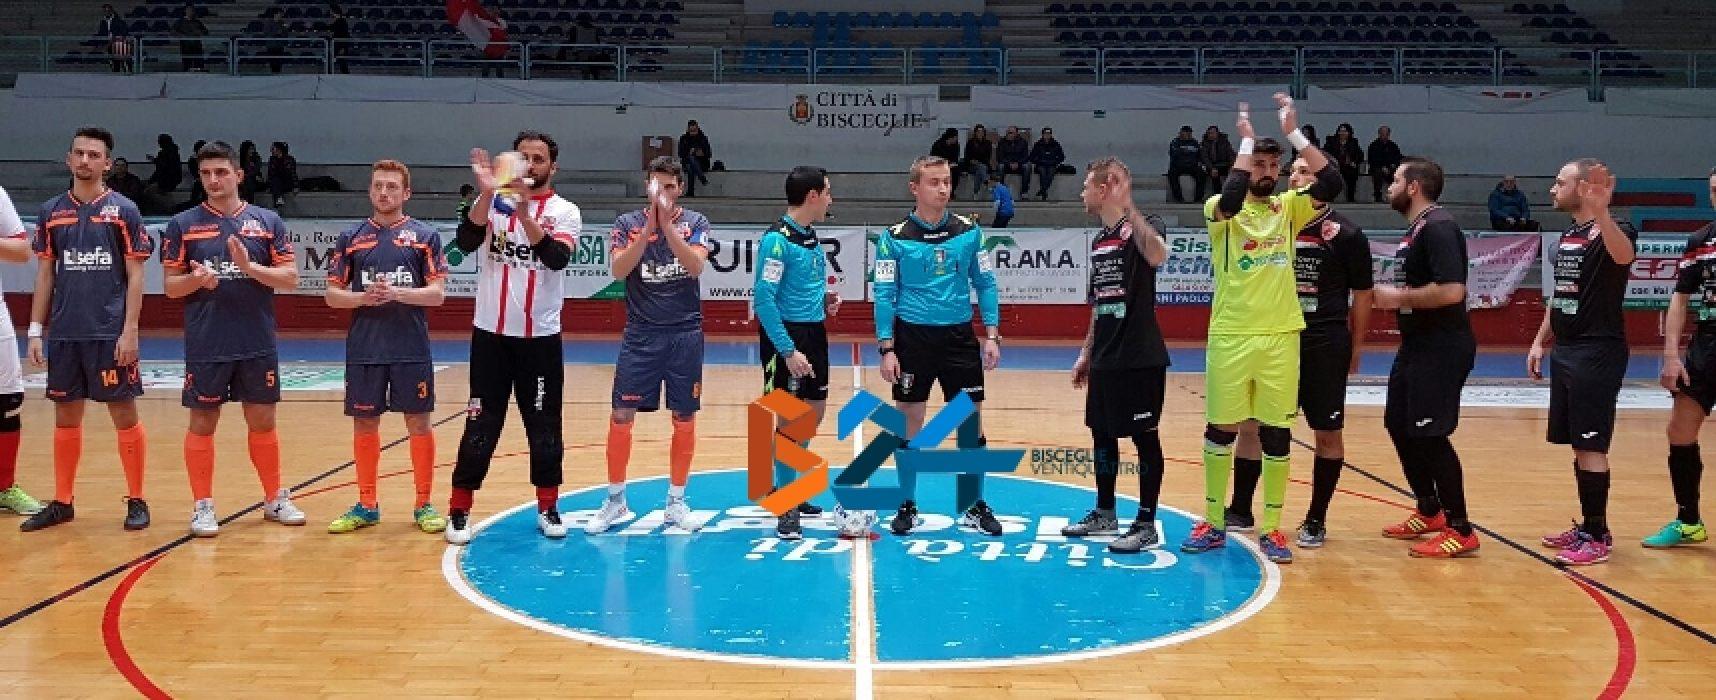 Futsal serie C1: la Diaz si aggiudica il derby, stop interno del Nettuno / RISULTATI e CLASSIFICA